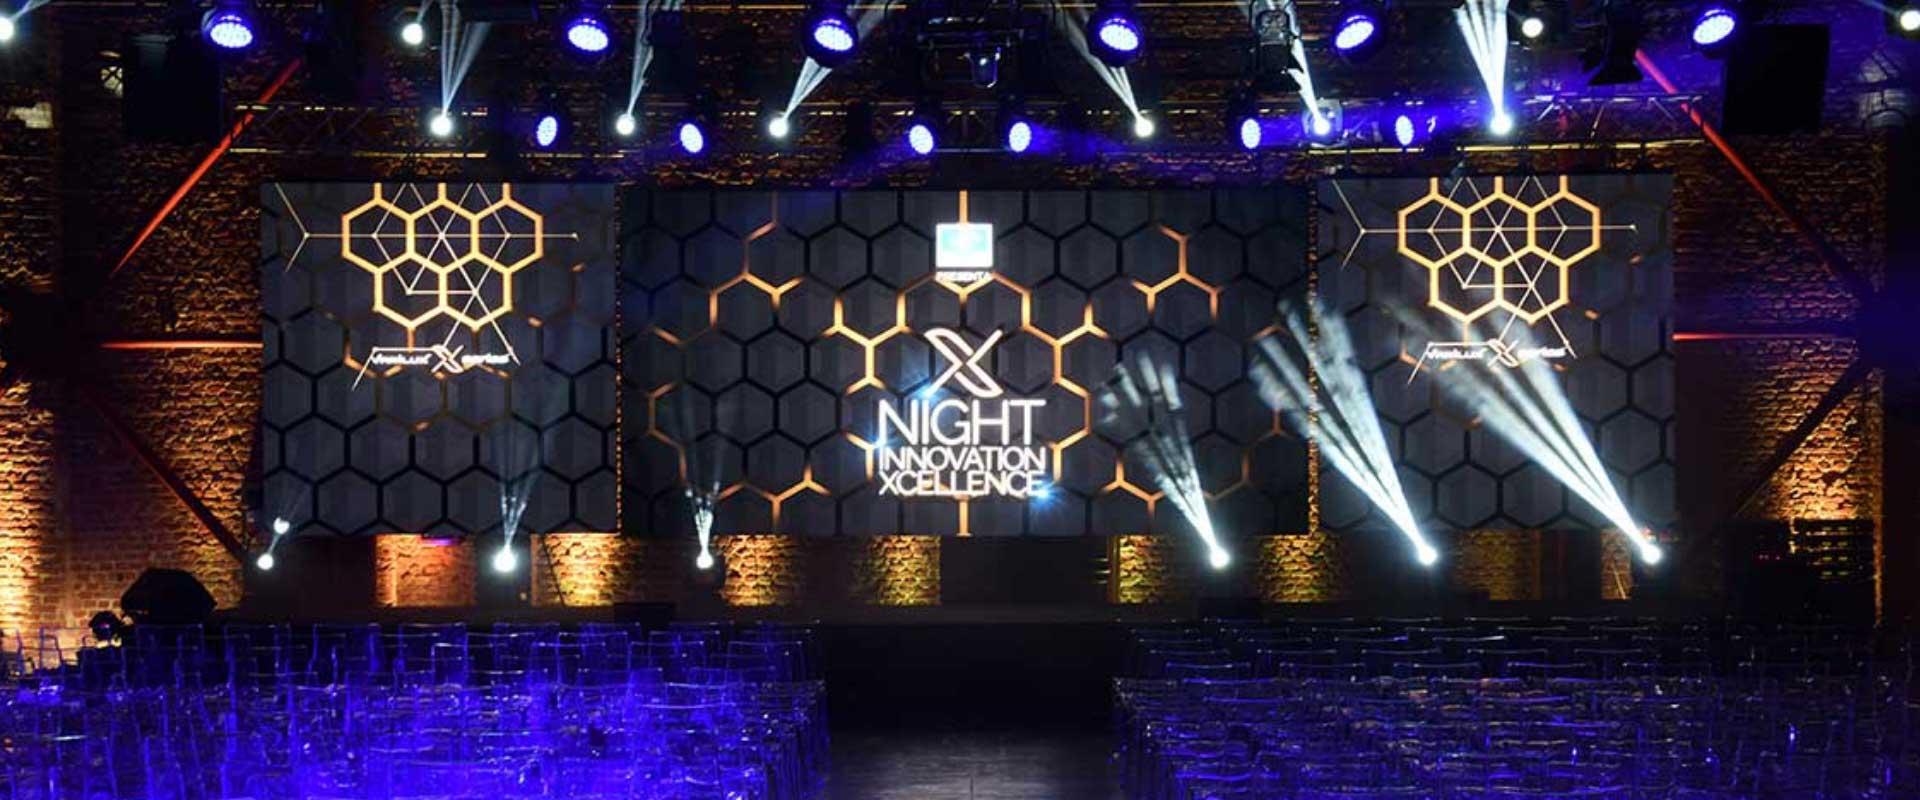 event design Essilor palazzo mezzanotte Borsa Milano piazza affari